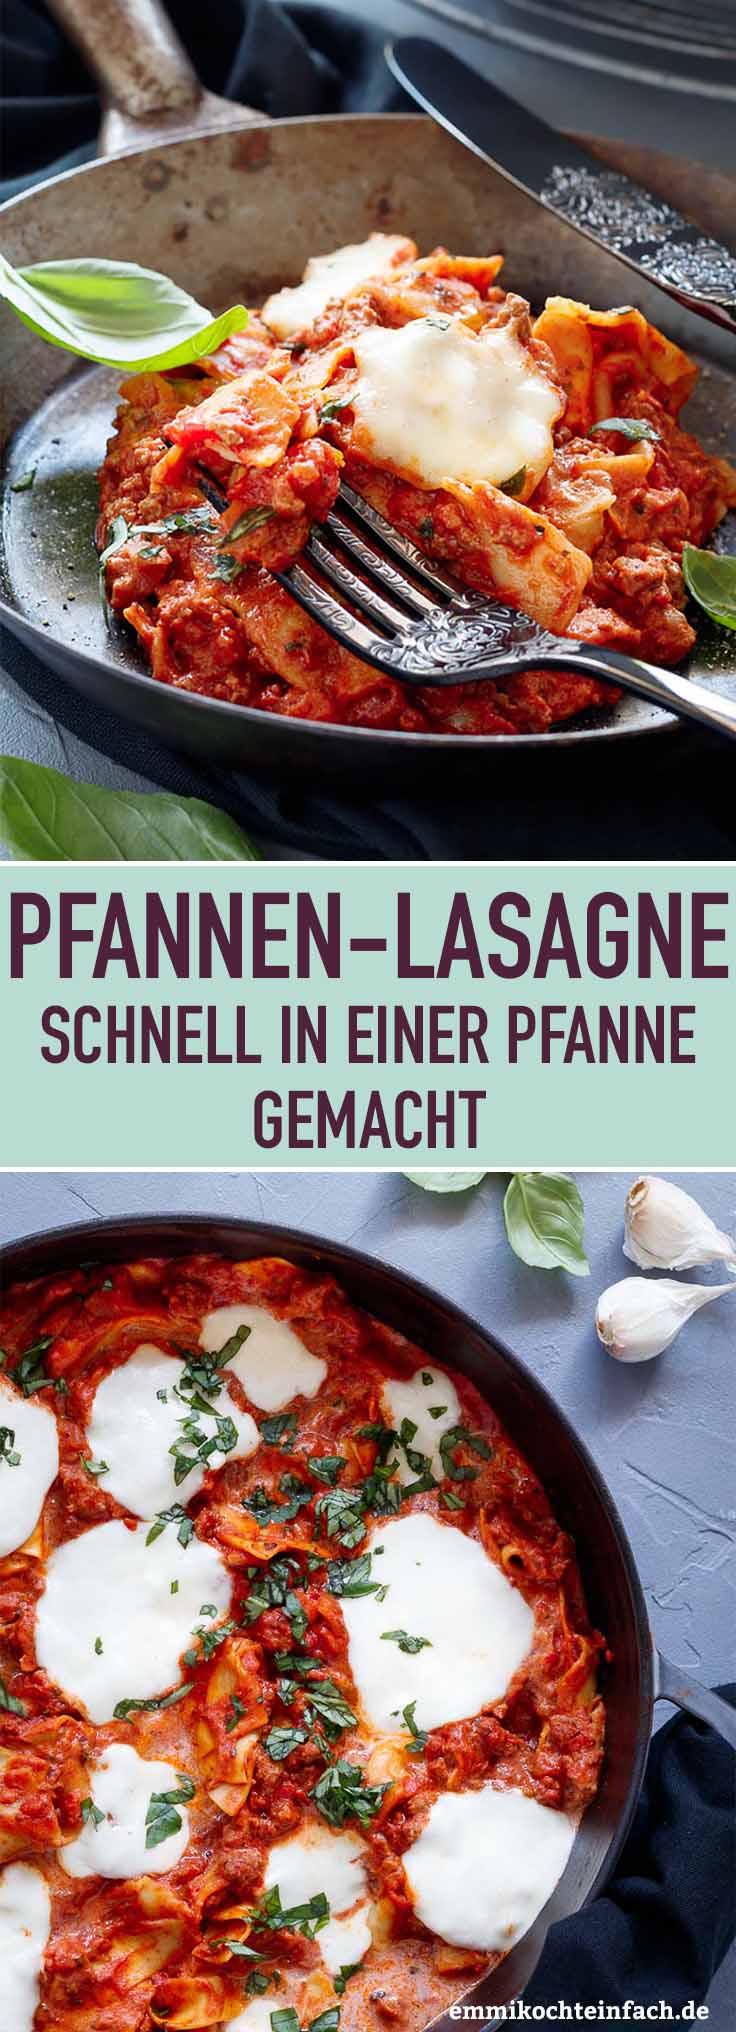 Schnelle Pfannen-Lasagne - www.emmikochteinfach.de